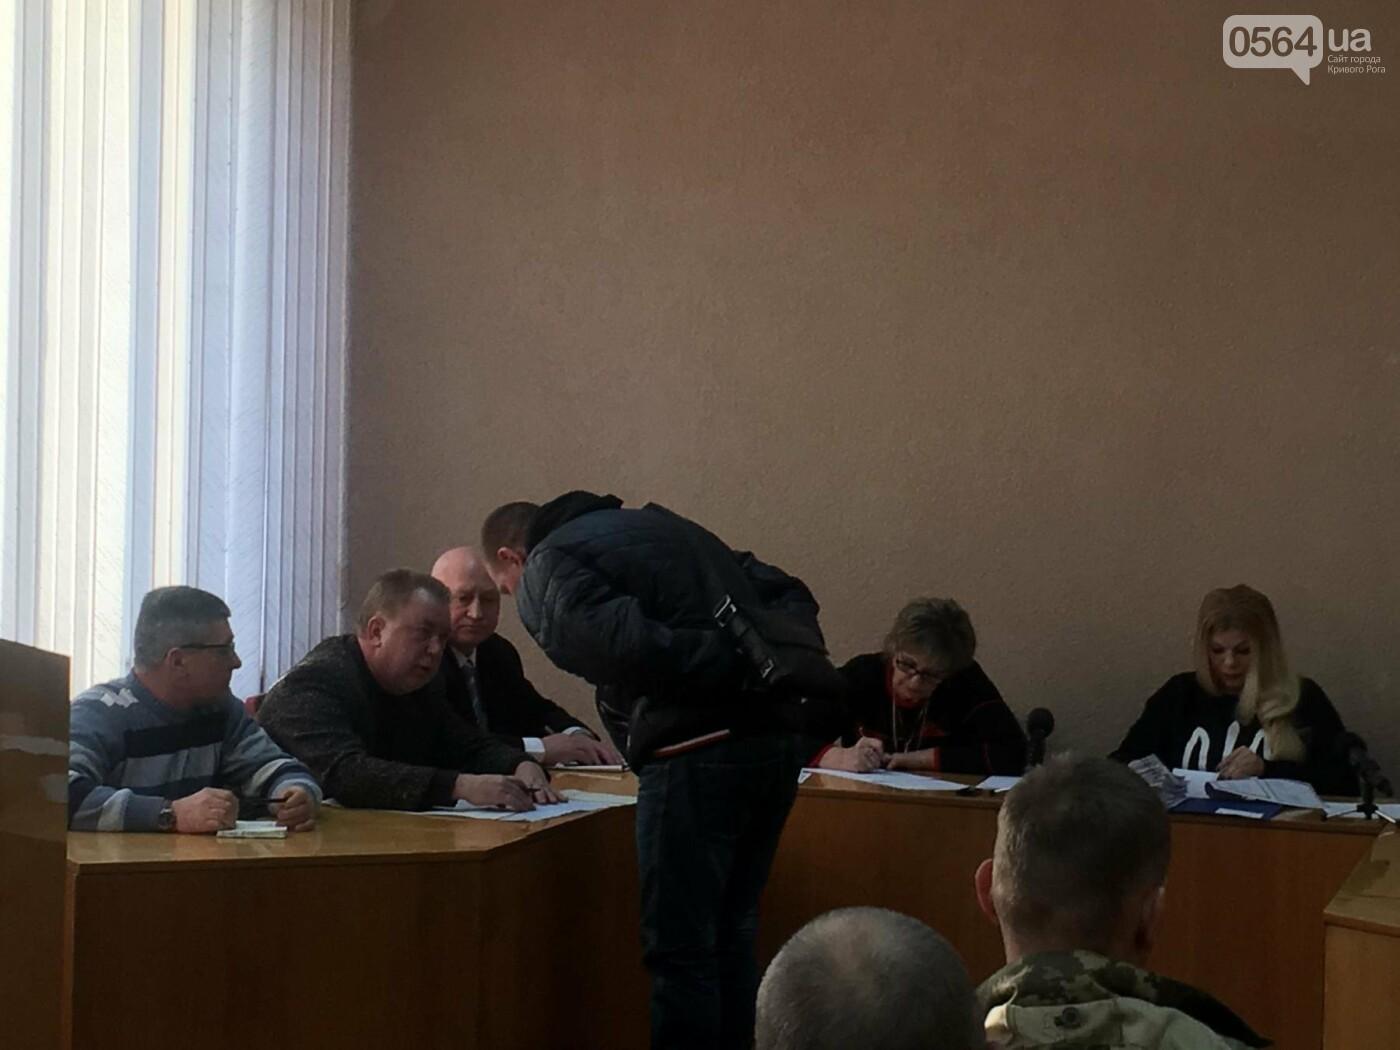 В Кривом Роге 52 бойца АТО получили землю под строительство жилья (ФОТО), фото-3